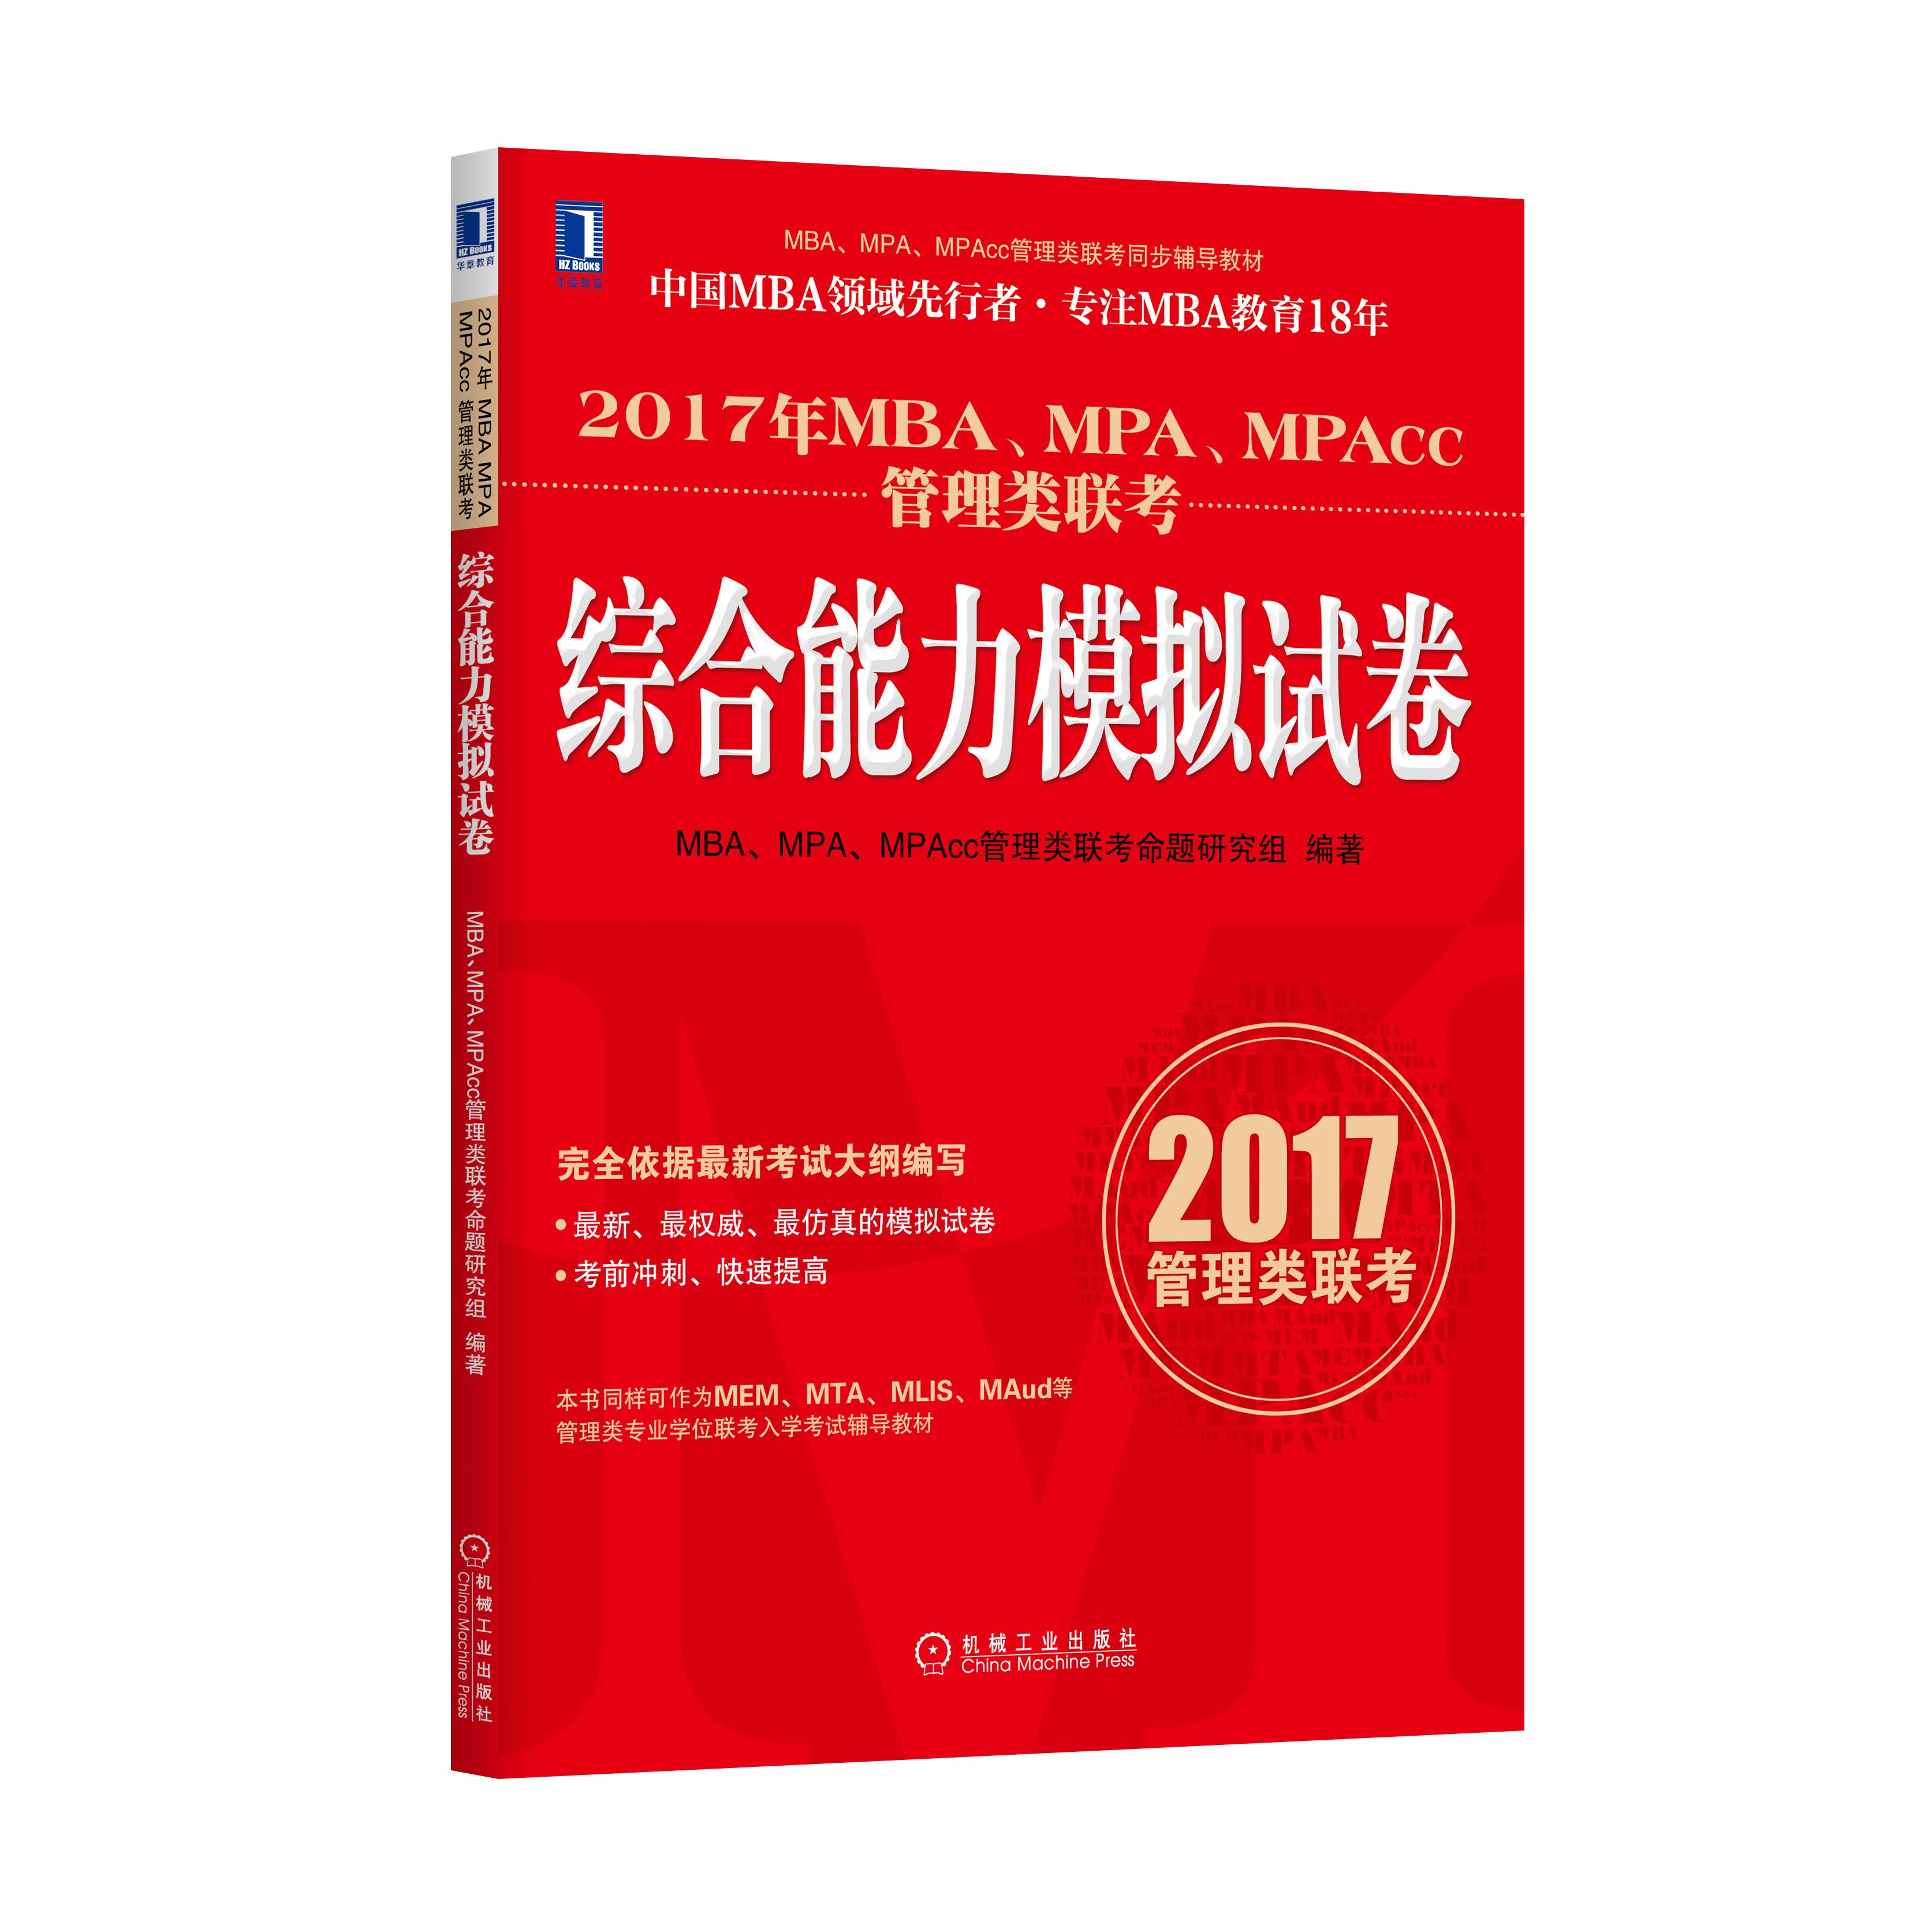 4950003 正版现货 2017年MBA、MPA、MPAcc管理类联考综合能力模拟试卷 MBA/MPA/MPAcc/管理类联考 书籍 商城